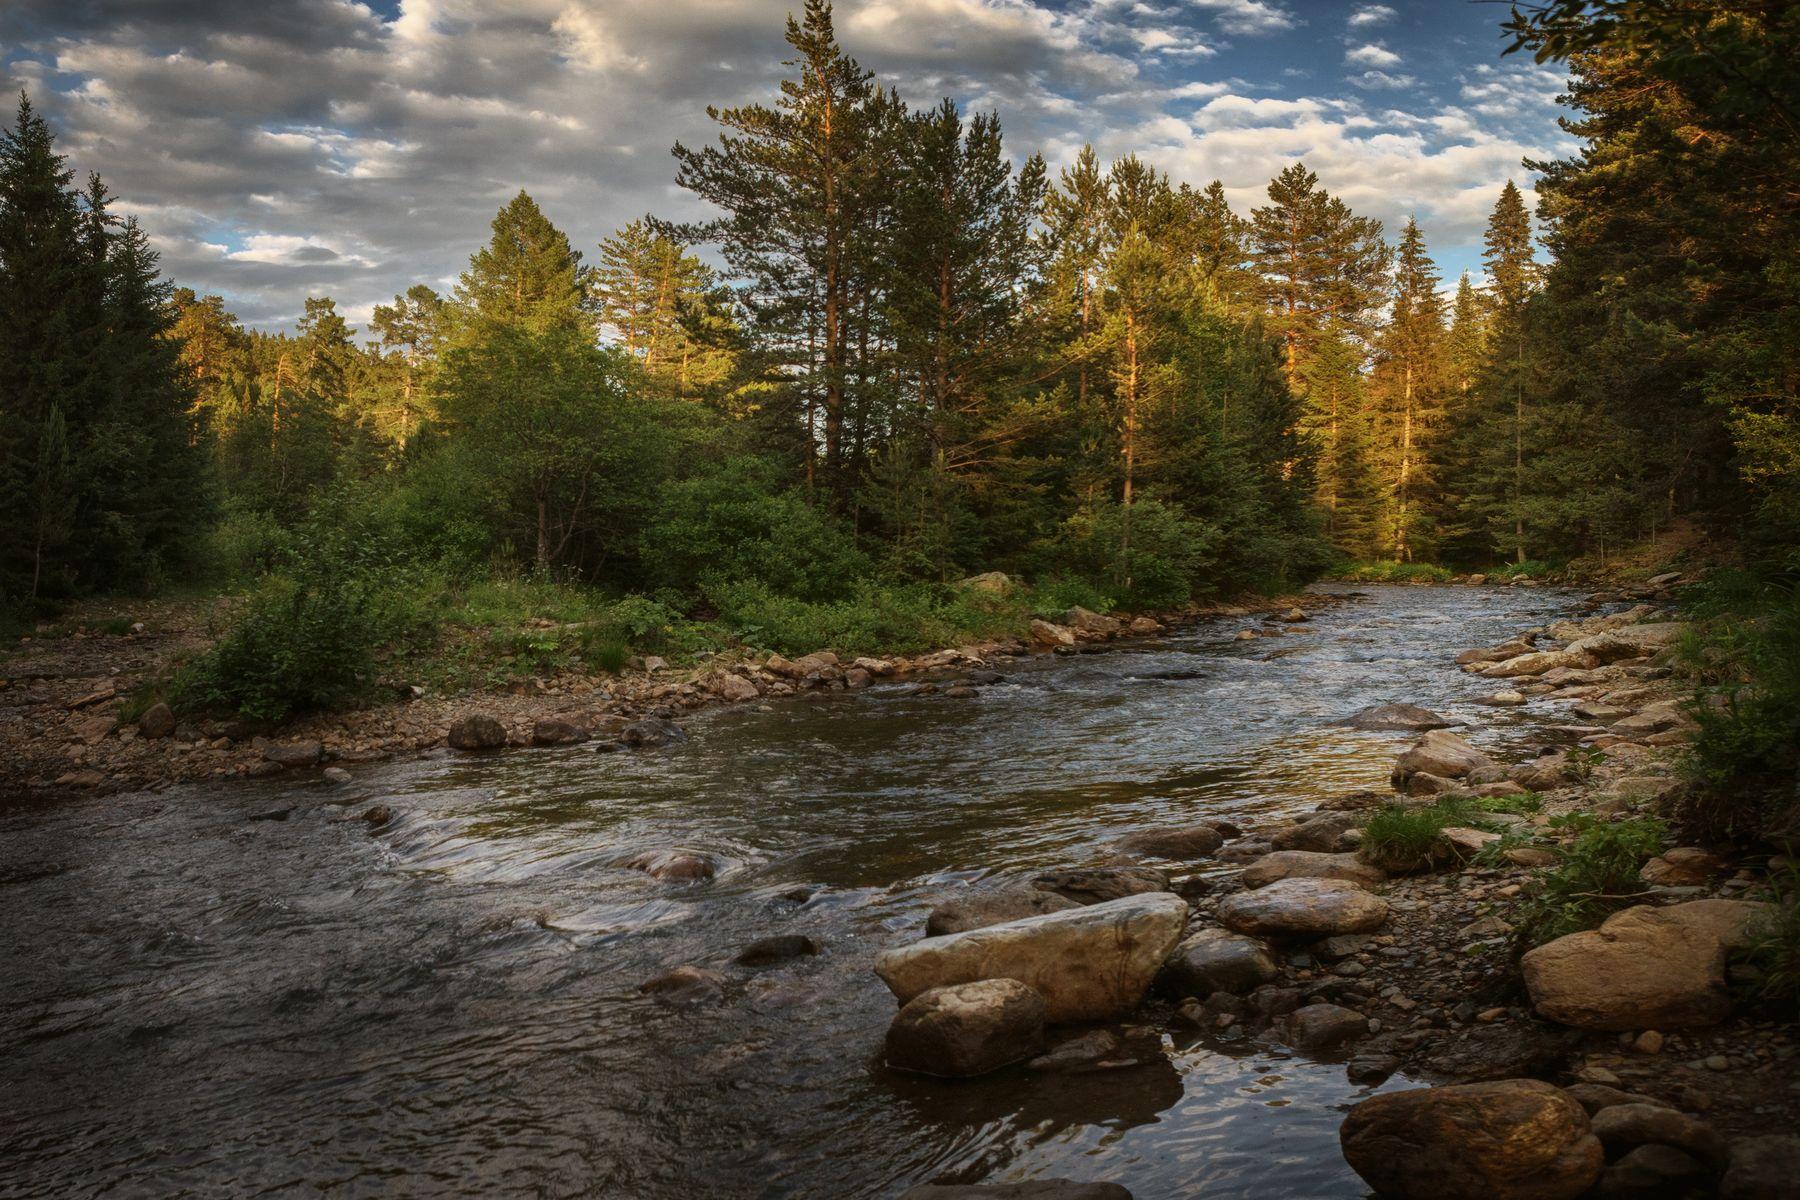 Быстрые воды реки Тюлюк озеро горы лес природа закат рассвет красота приключения путешествие